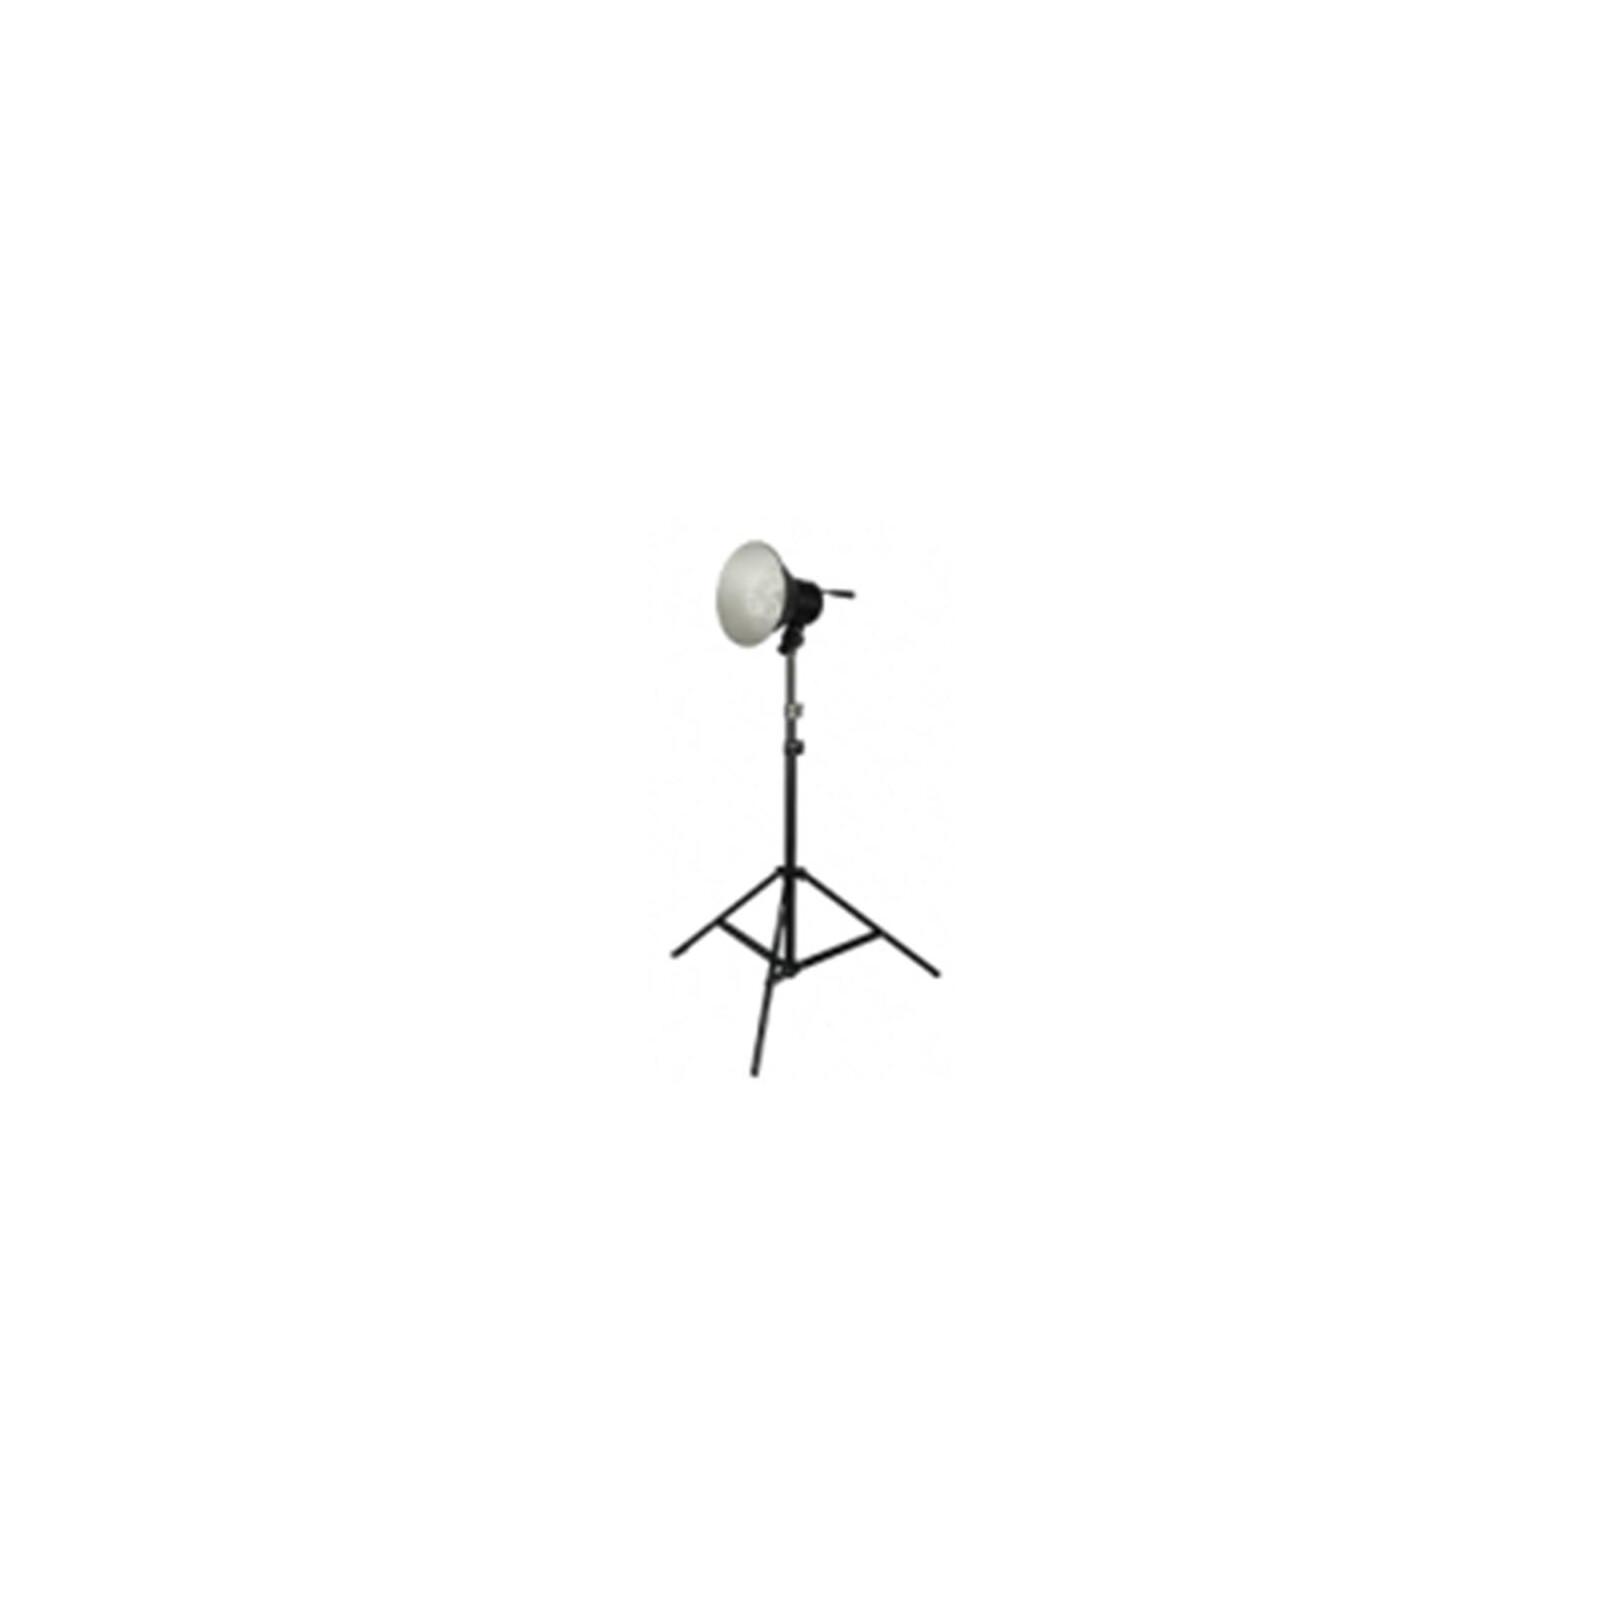 walimex Studioset Daylight 600